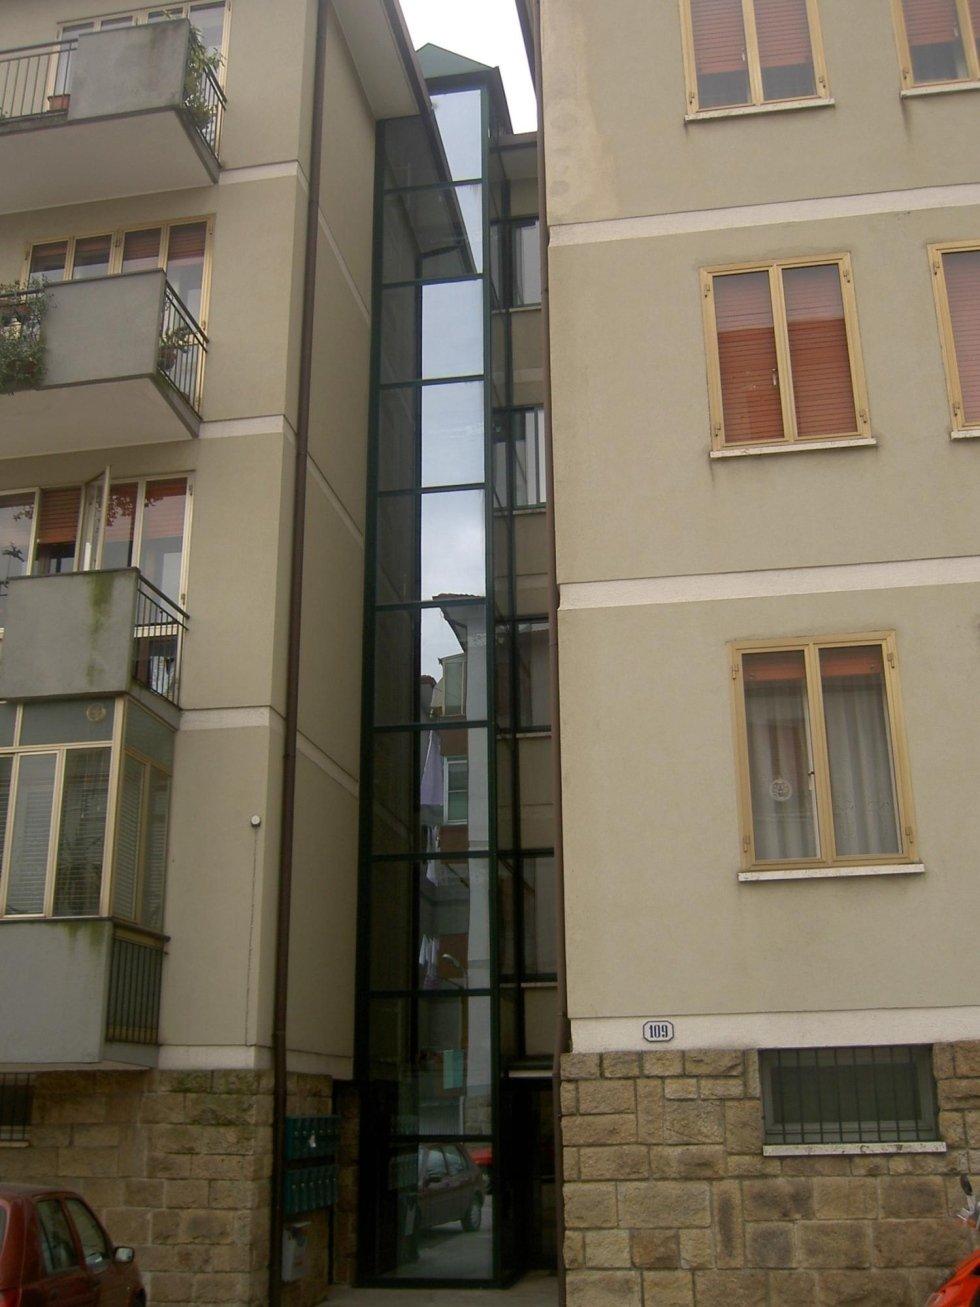 ascensore esterno per condominio